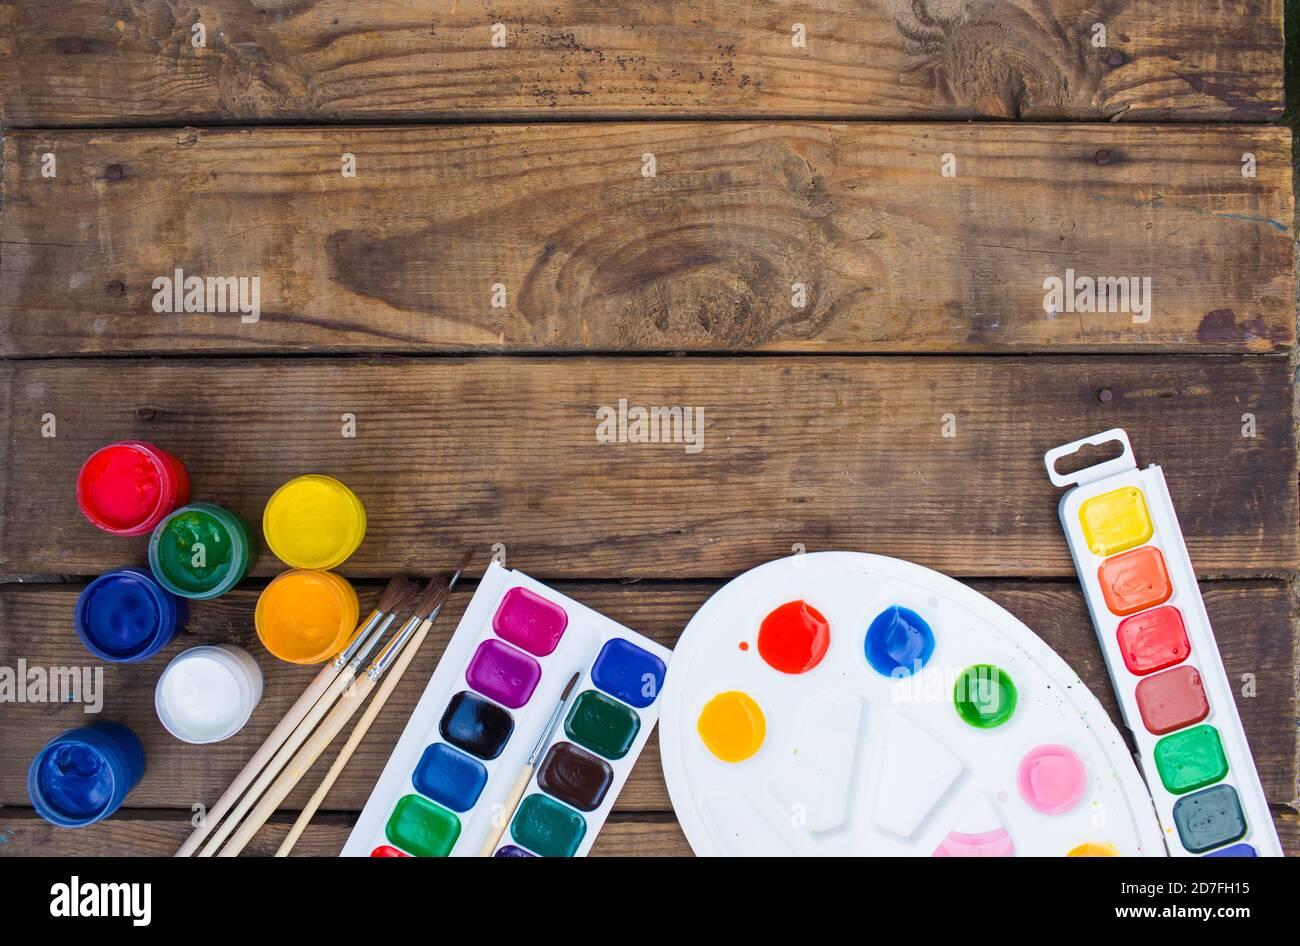 peintures multicolores, palette de pinceaux, pinceau, se trouvent sur un fond en bois vue de dessus Banque D'Images